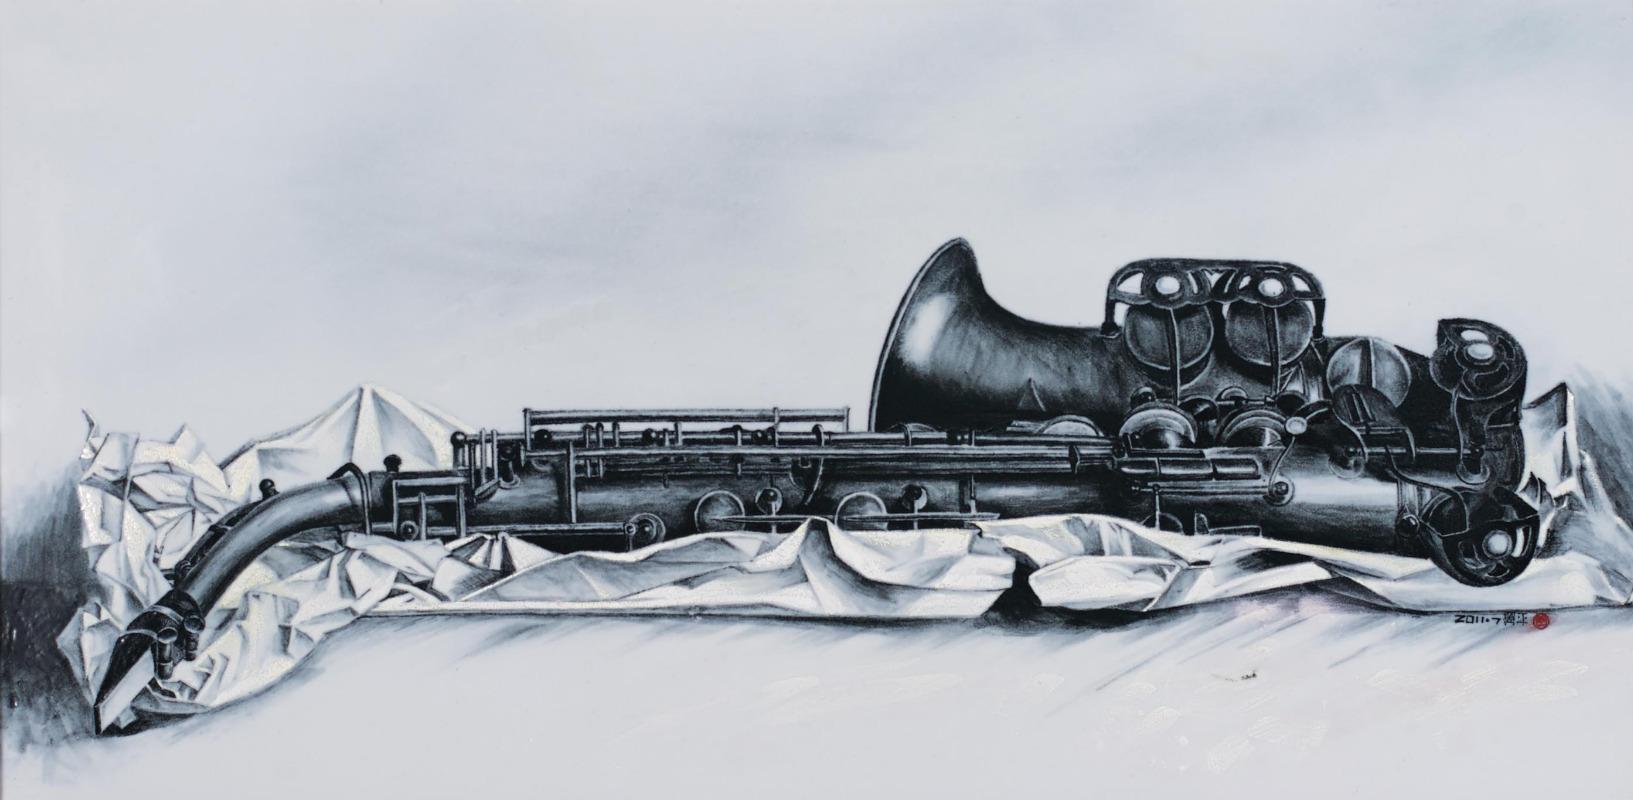 又结合了中国传统人物画的线条魅力,使其釉下五彩作品富有视觉冲击力